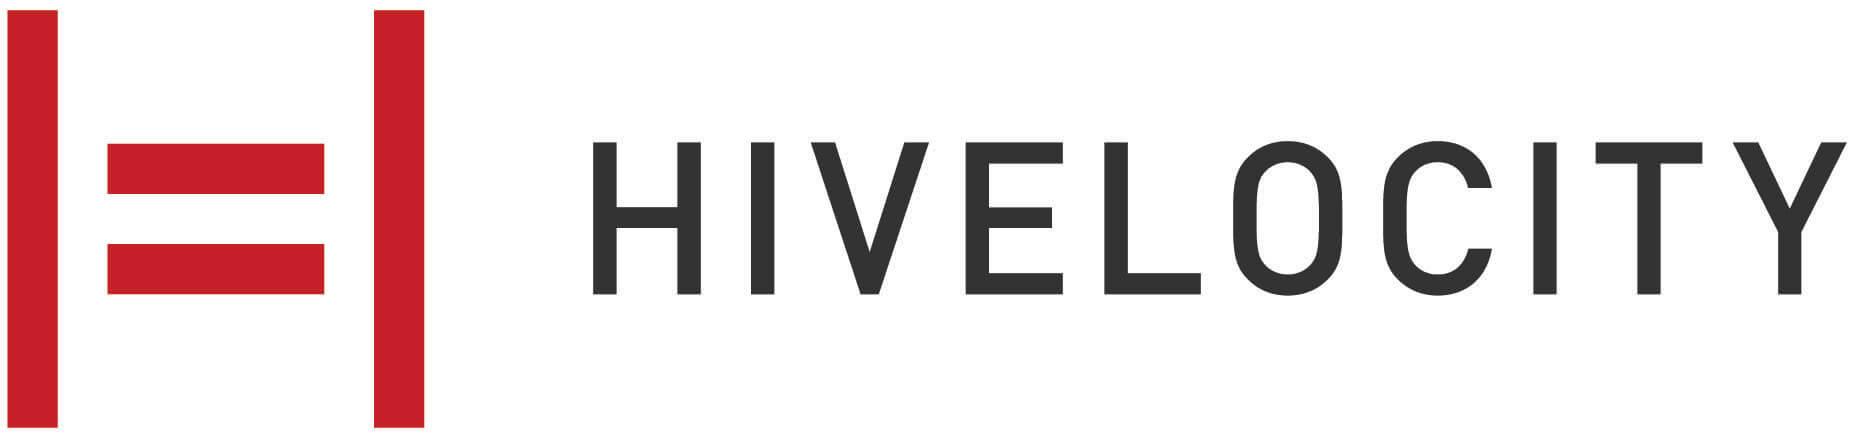 Hivelocity